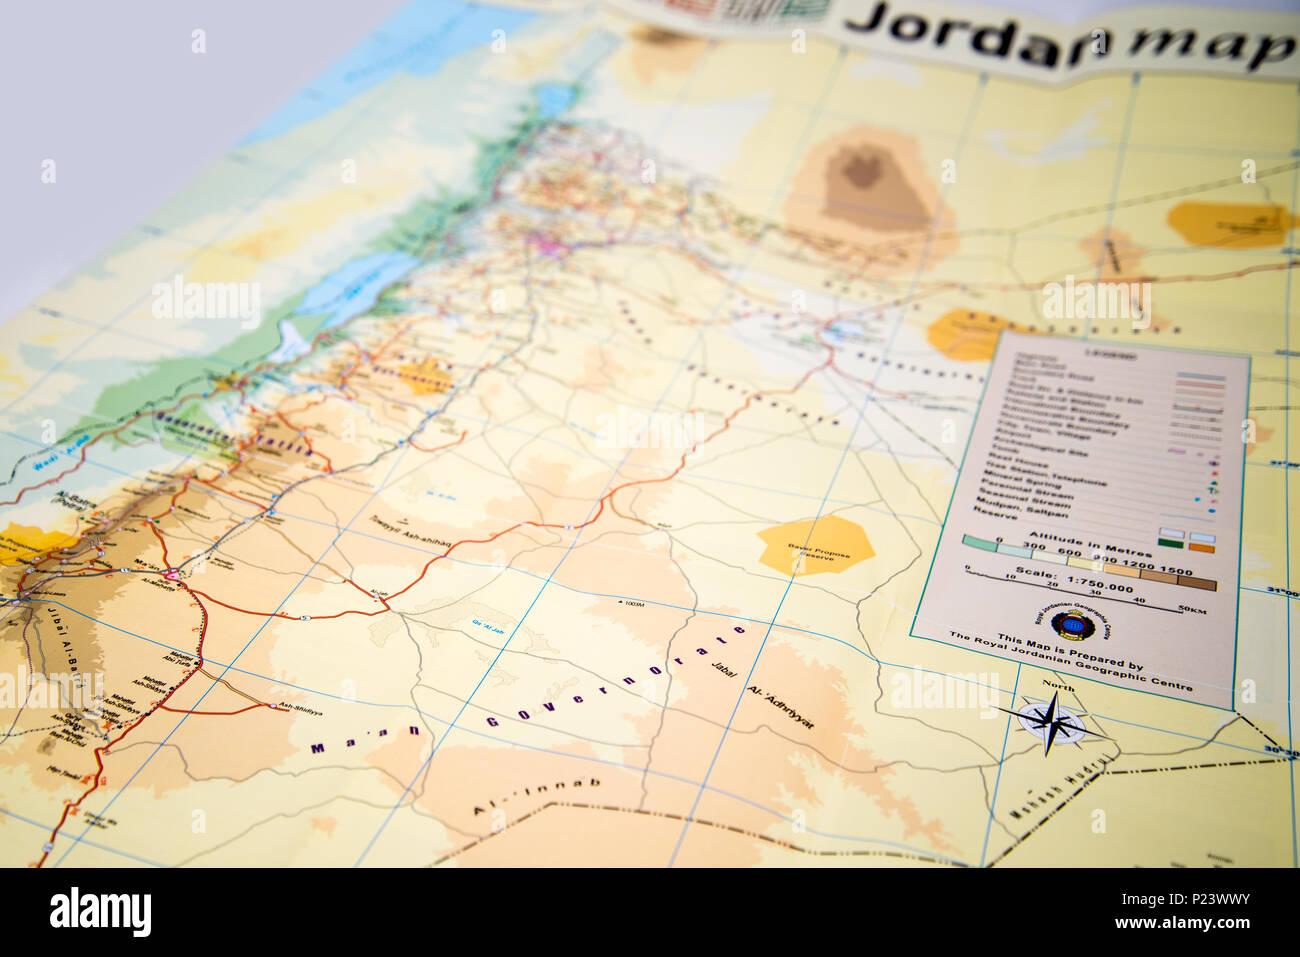 Jordanien Karte.Karte Von Jordanien Stockfoto Bild 207839911 Alamy